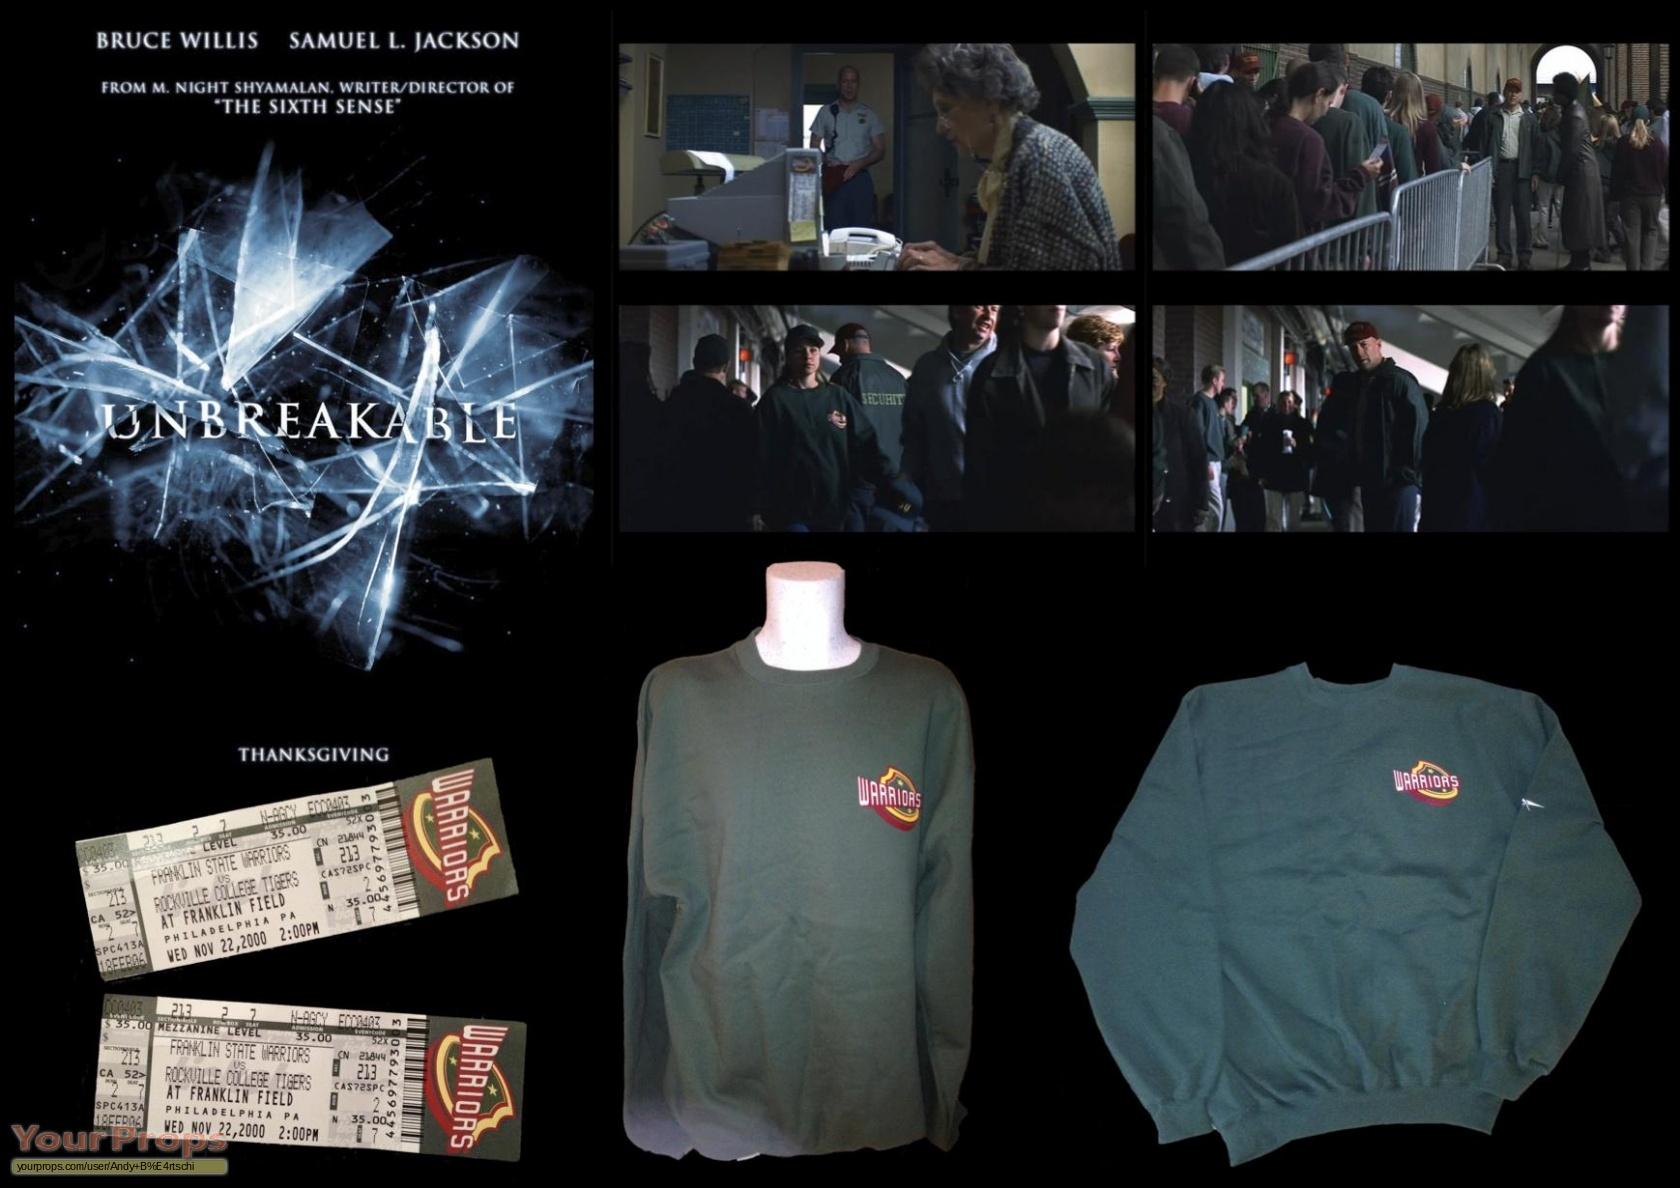 Unbreakable Unbreakable Warriors Sweater Pair Of Tickets Original Movie Prop